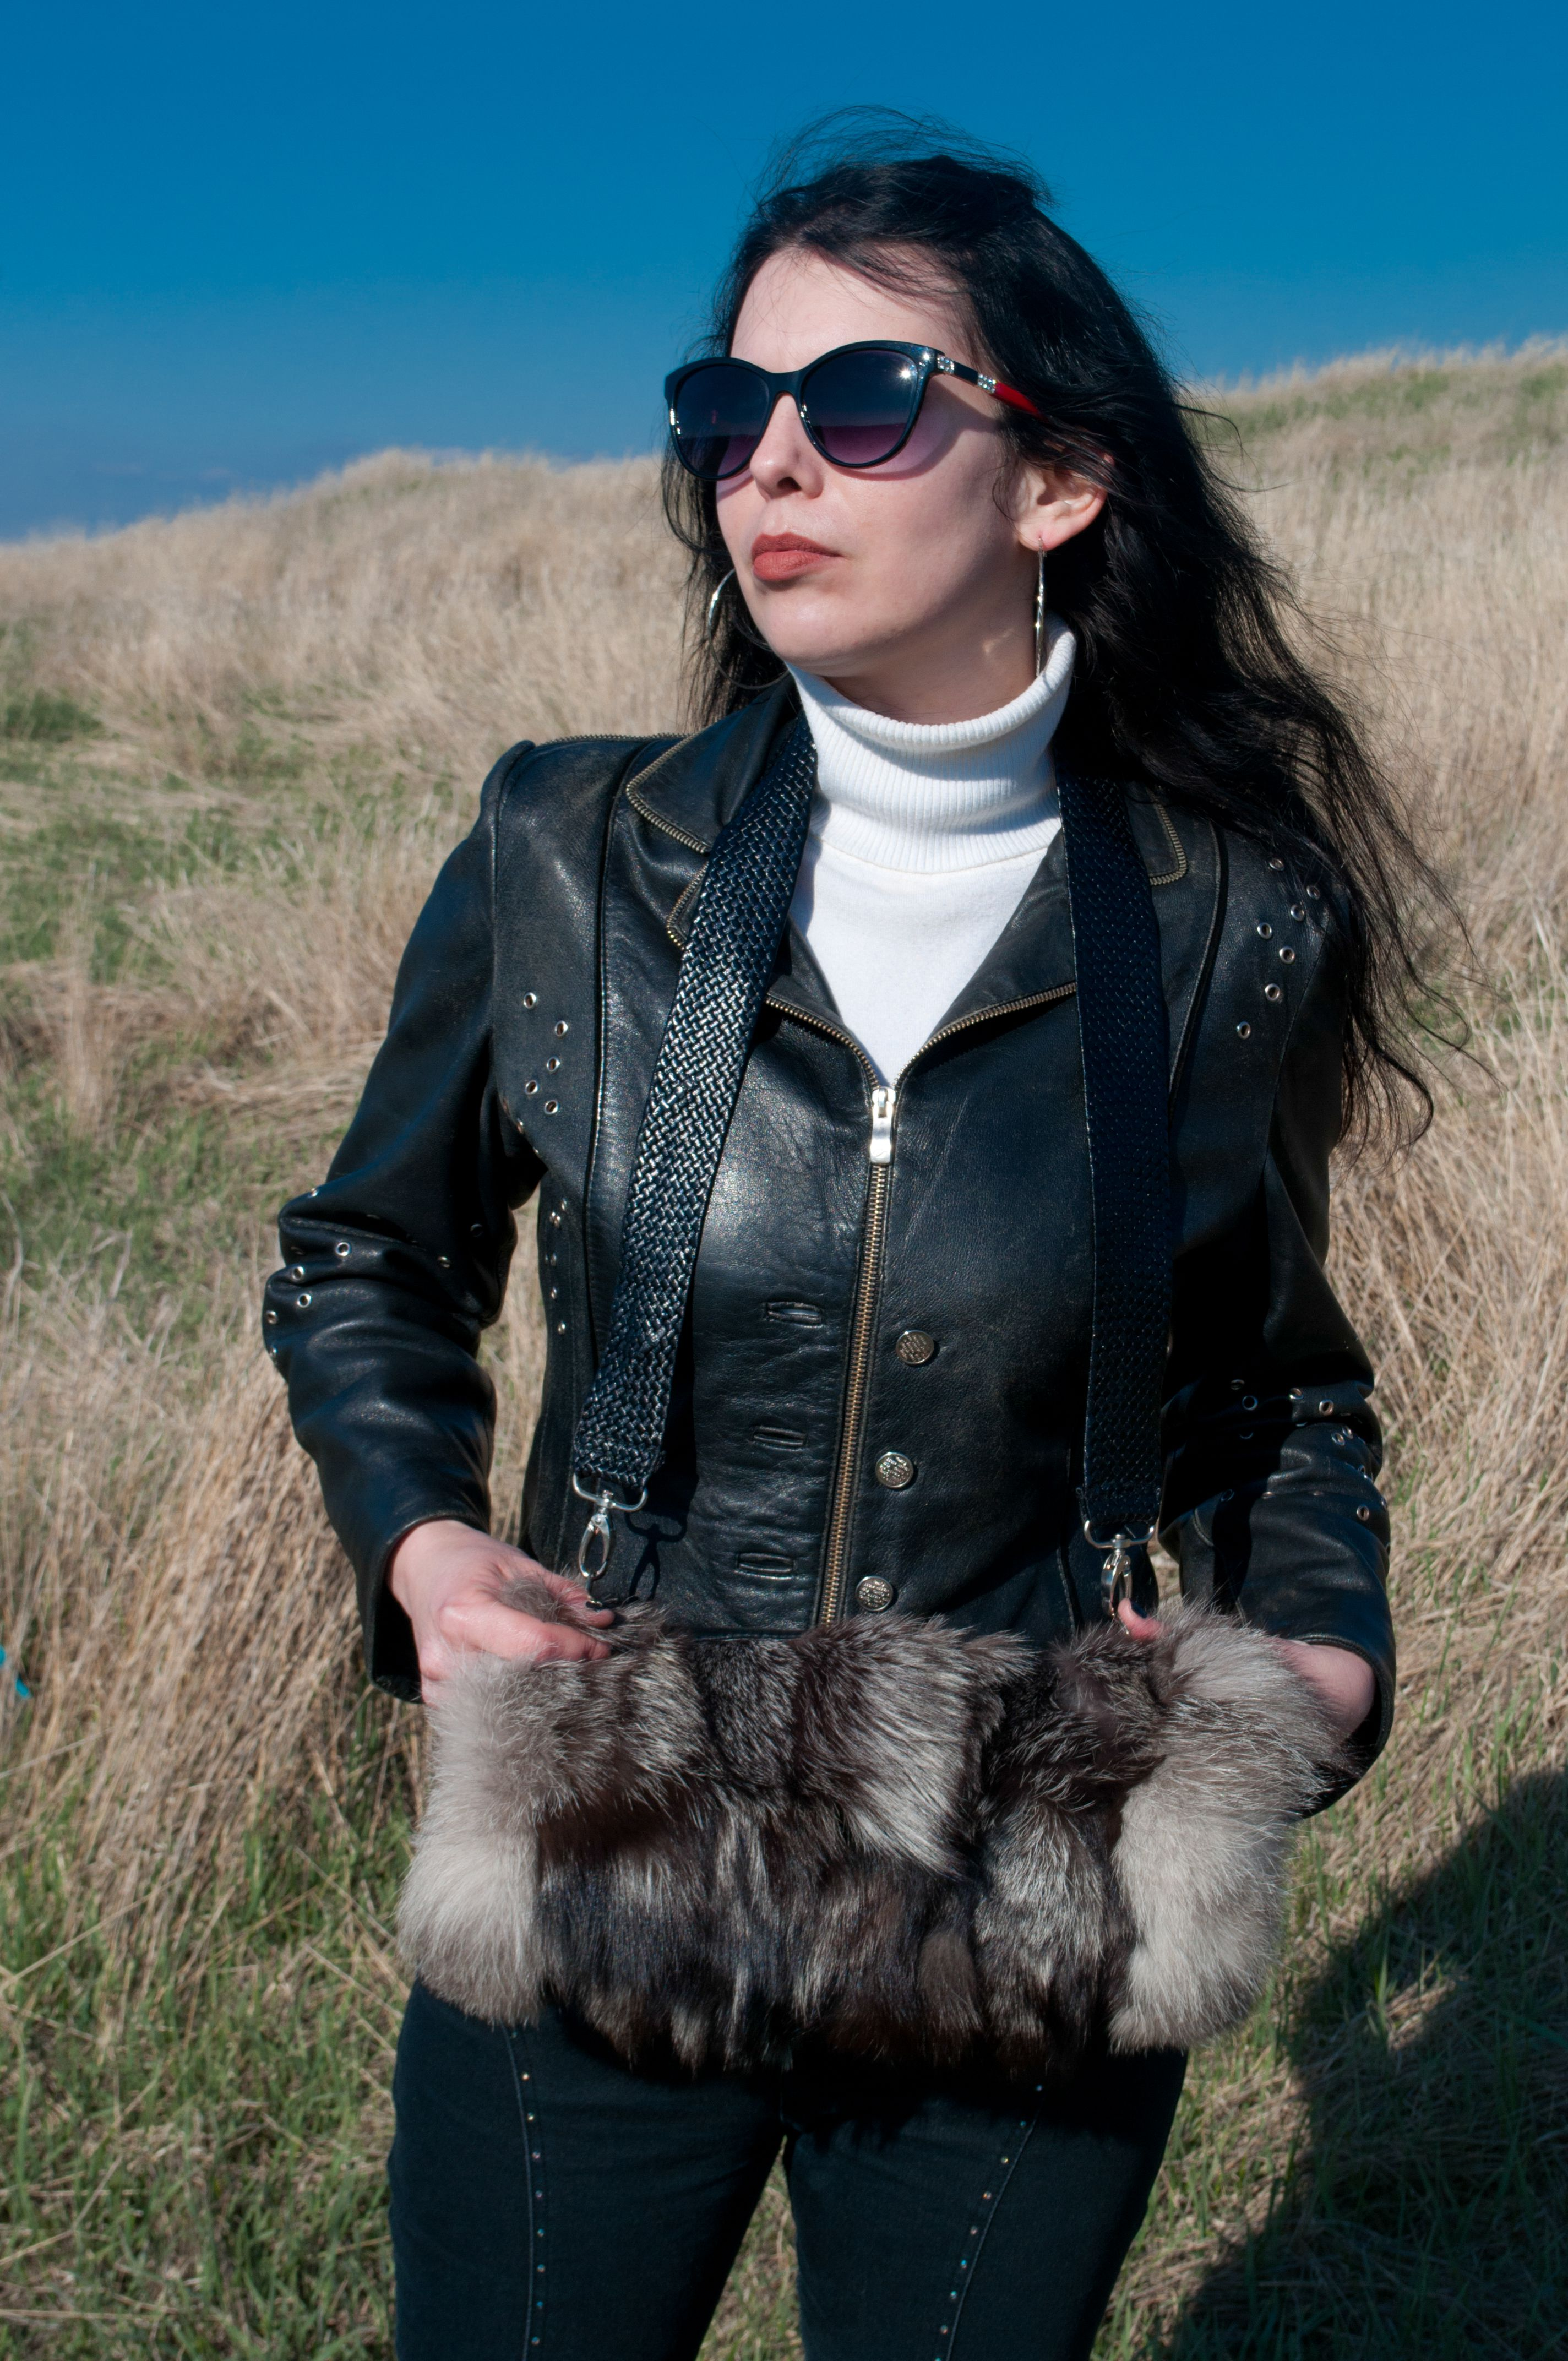 женская муфта кожаная яркие сумка эксклюзивные сумки кожи меха меховая